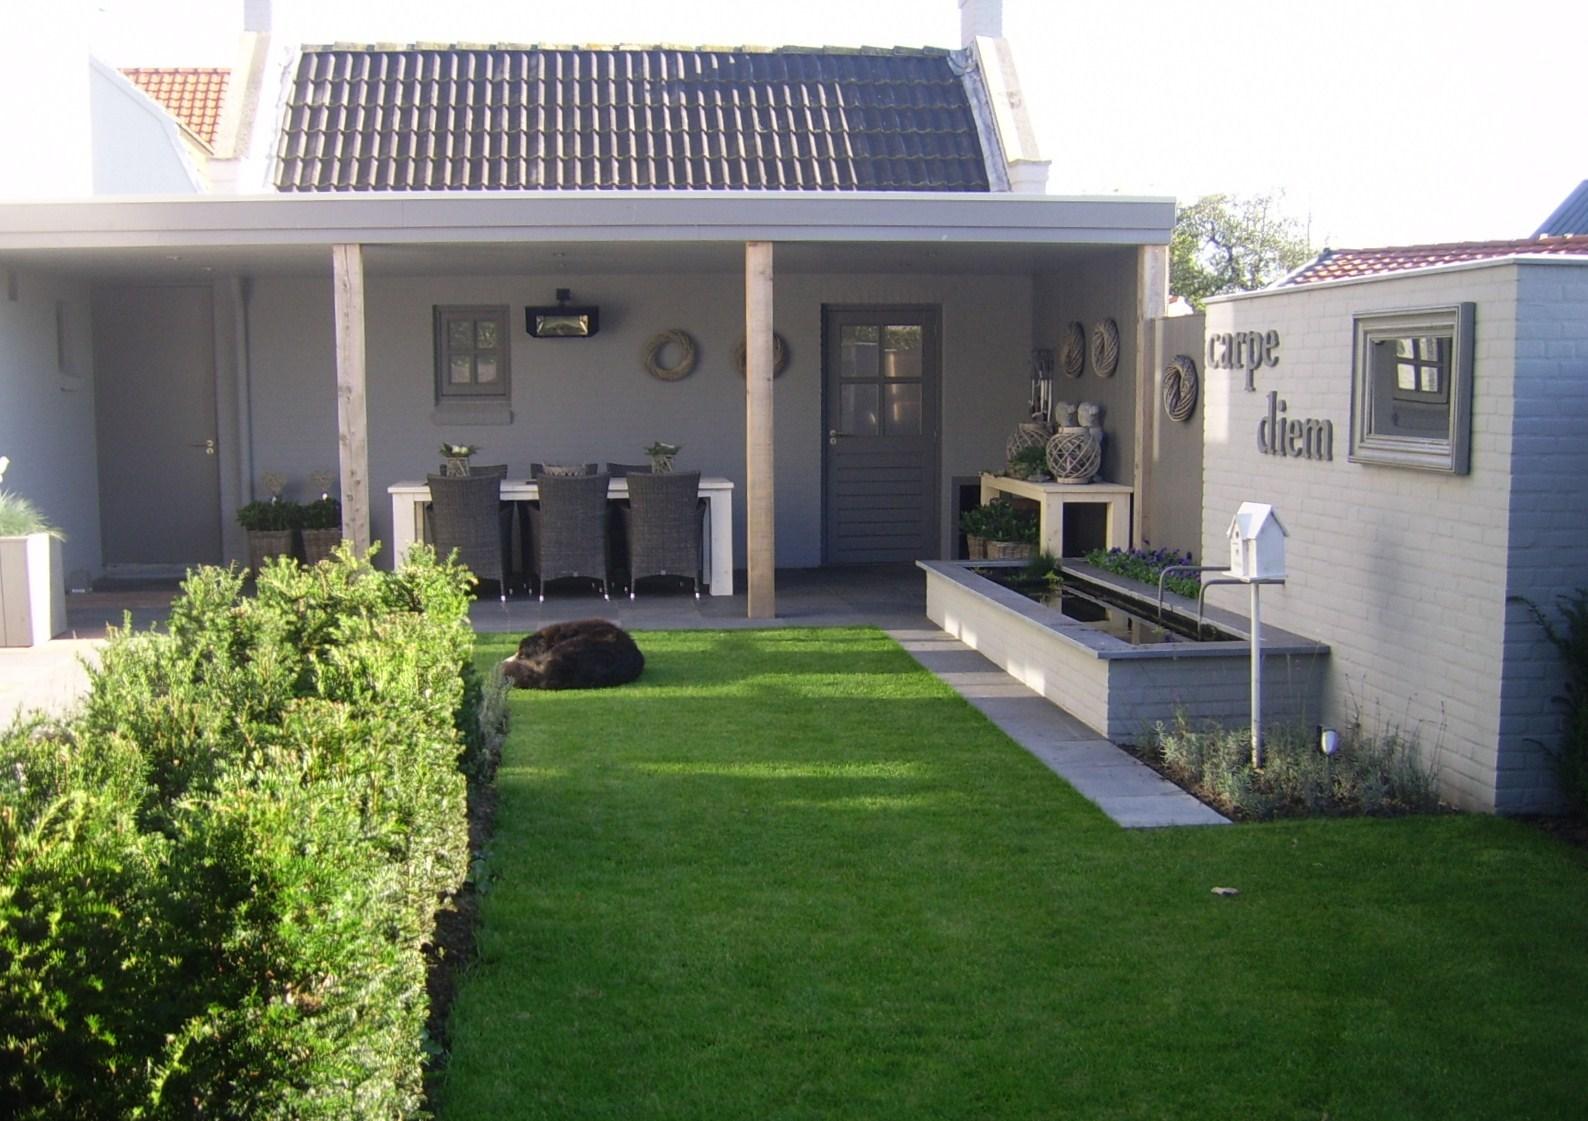 Oosterse slaapkamers ontwerp - Moderne lounge stijl ...